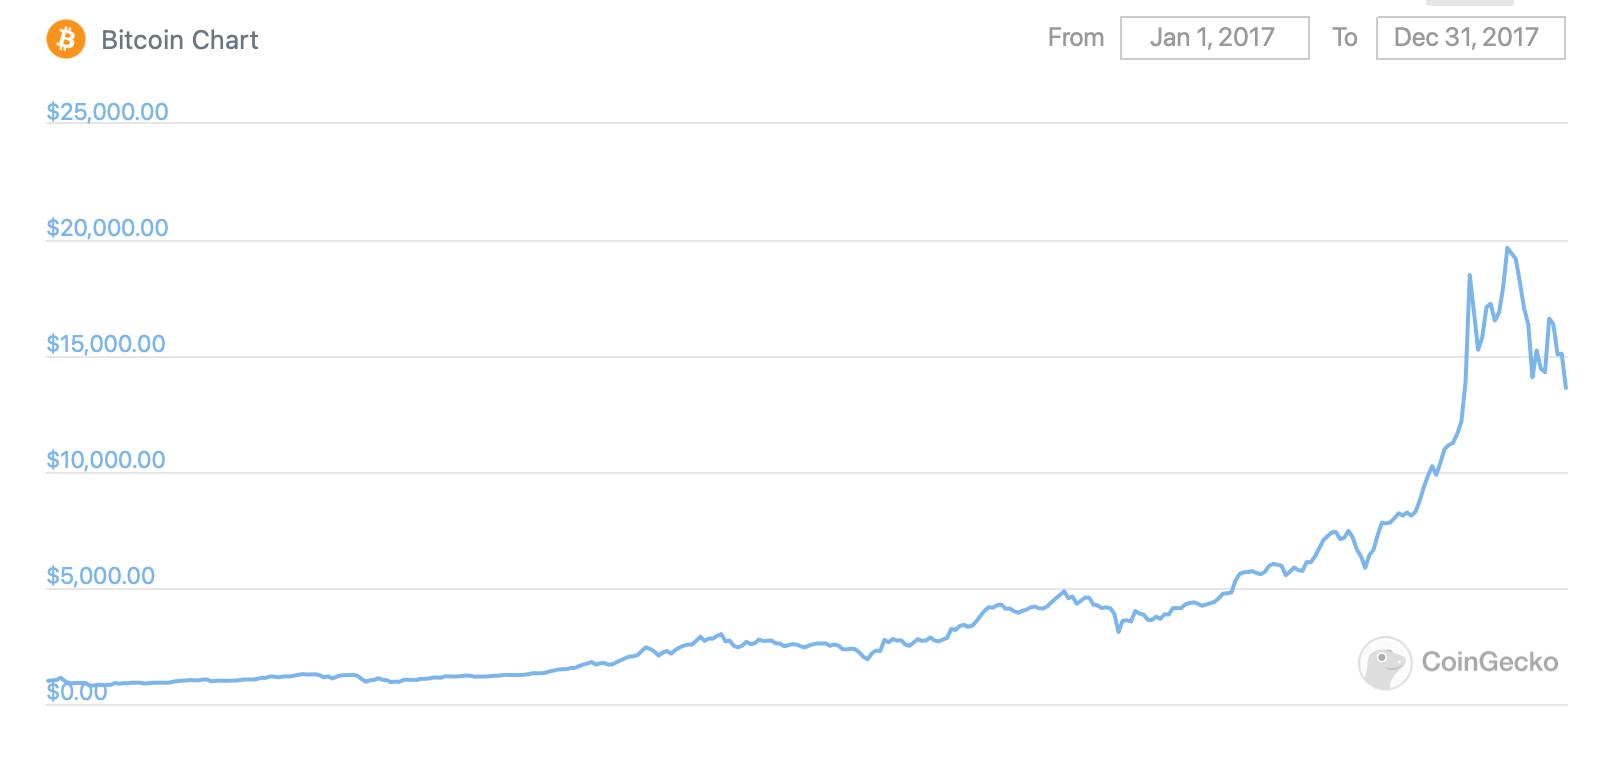 График курса Биткоина в 2017